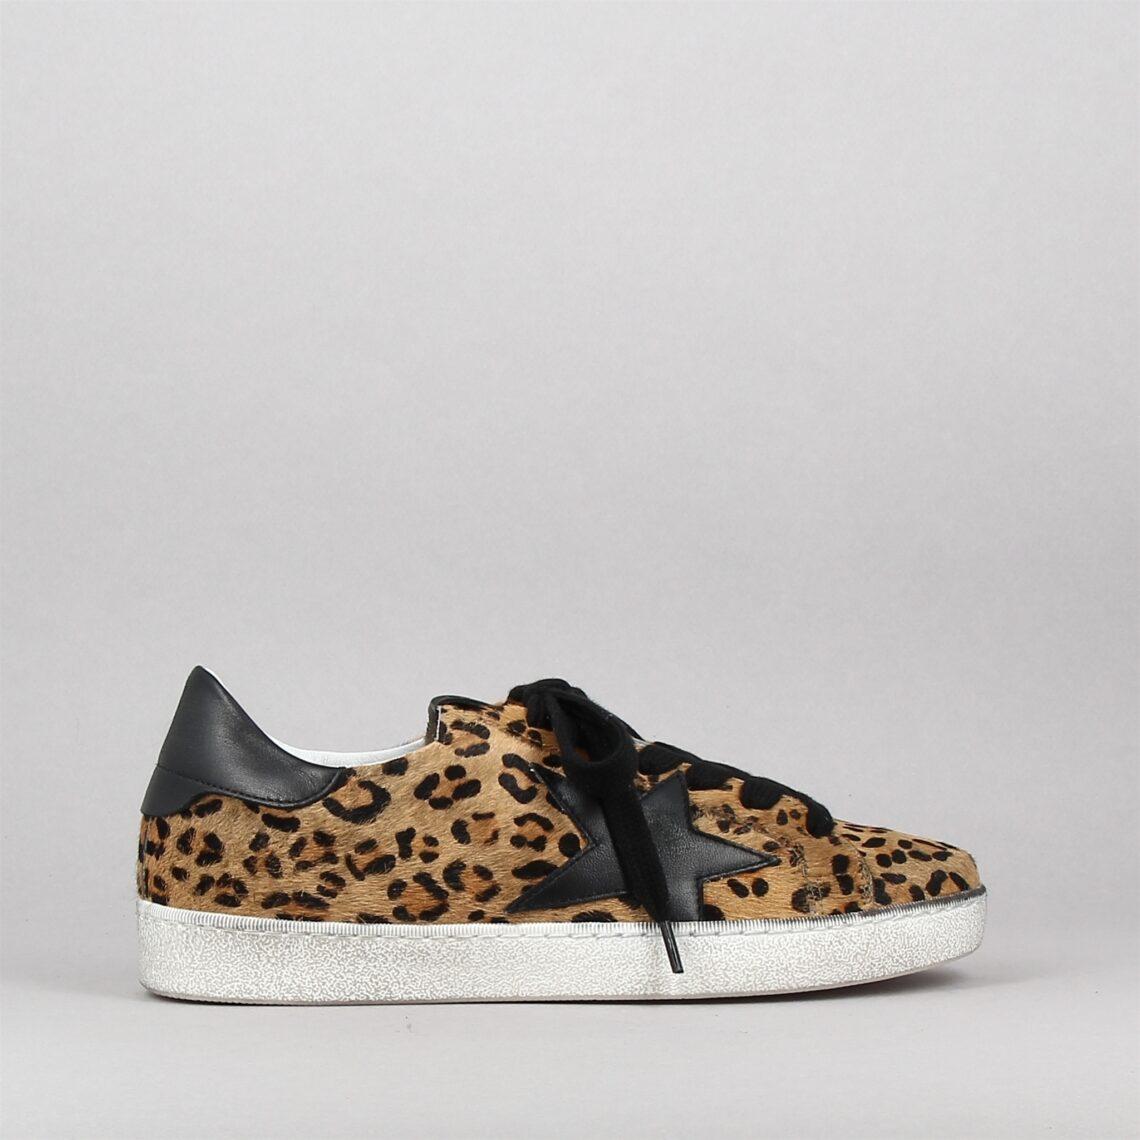 874z45-leopard-173768706-0.jpg